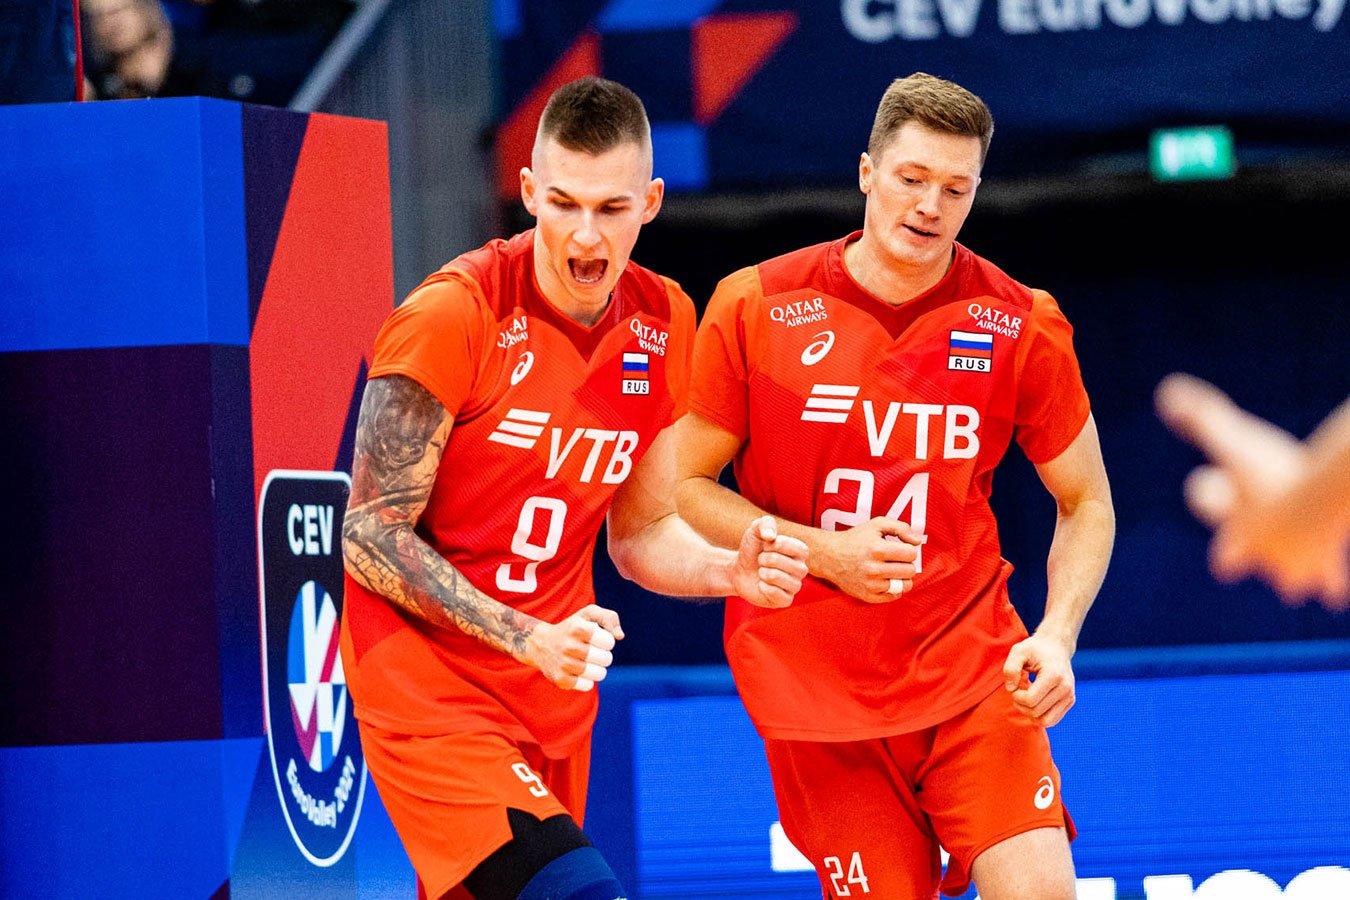 Российские волейболисты начали чемпионат Европы с поражения от Турции